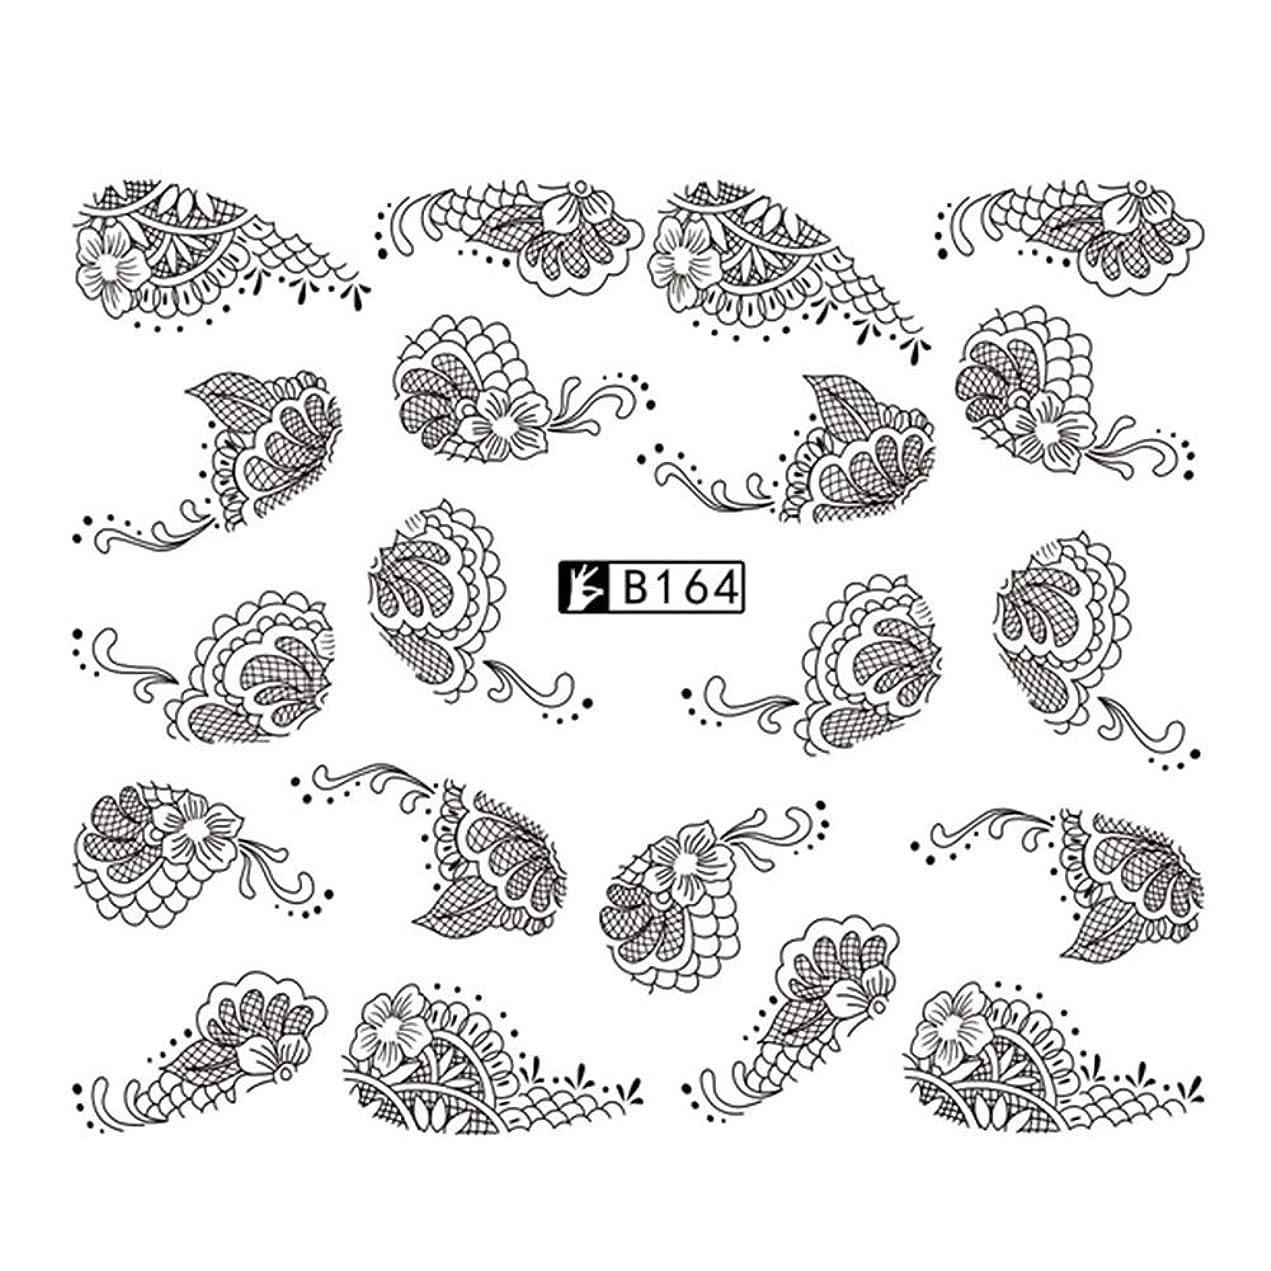 リス行為従事するLITI ネイルシール 花柄ネイルホイル 水彩の花 レース柄プレート 蝶 ヒョウ柄 シェル 綺麗な夏 転写ホイル 箔紙 シェルプリント 極薄フィルム 3D デザイン ネイル転印シール ネイルステッカー